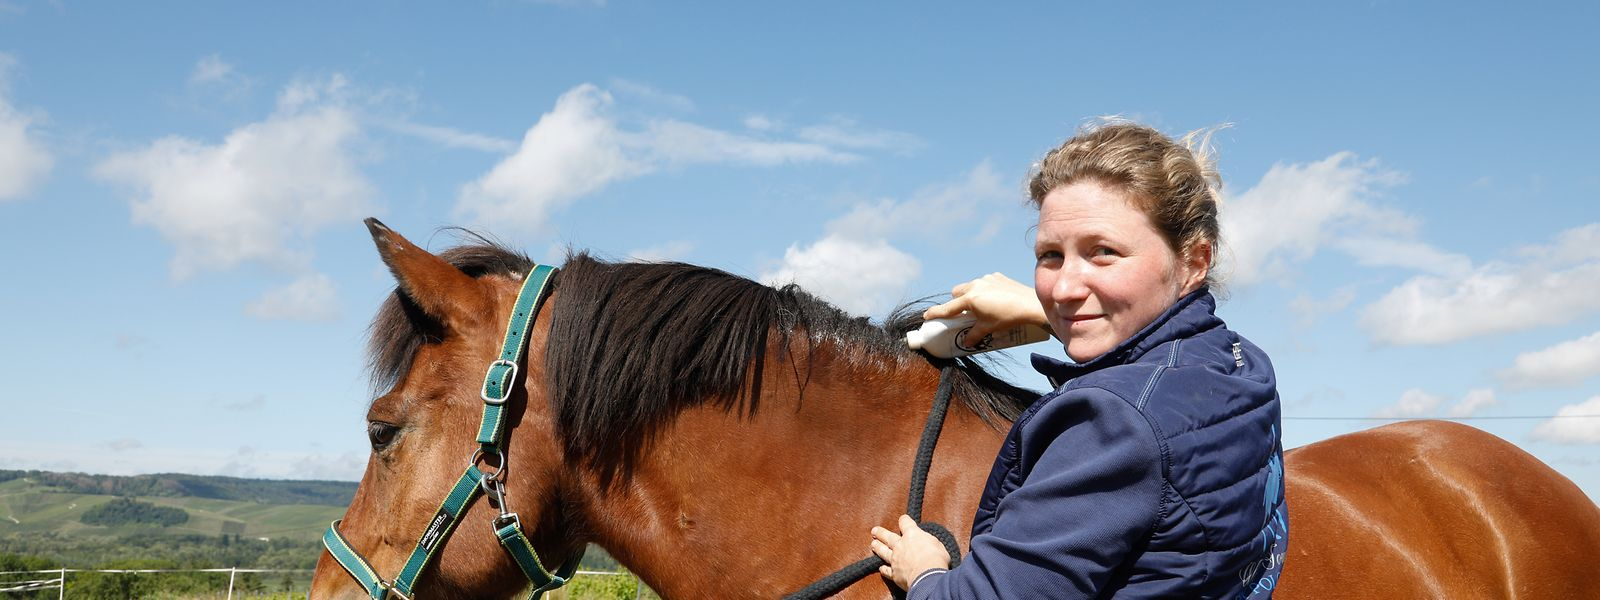 Fabienne Matagne und ihr Pferd Kjarkur waren über eine Woche lang durch die Grenze getrennt.